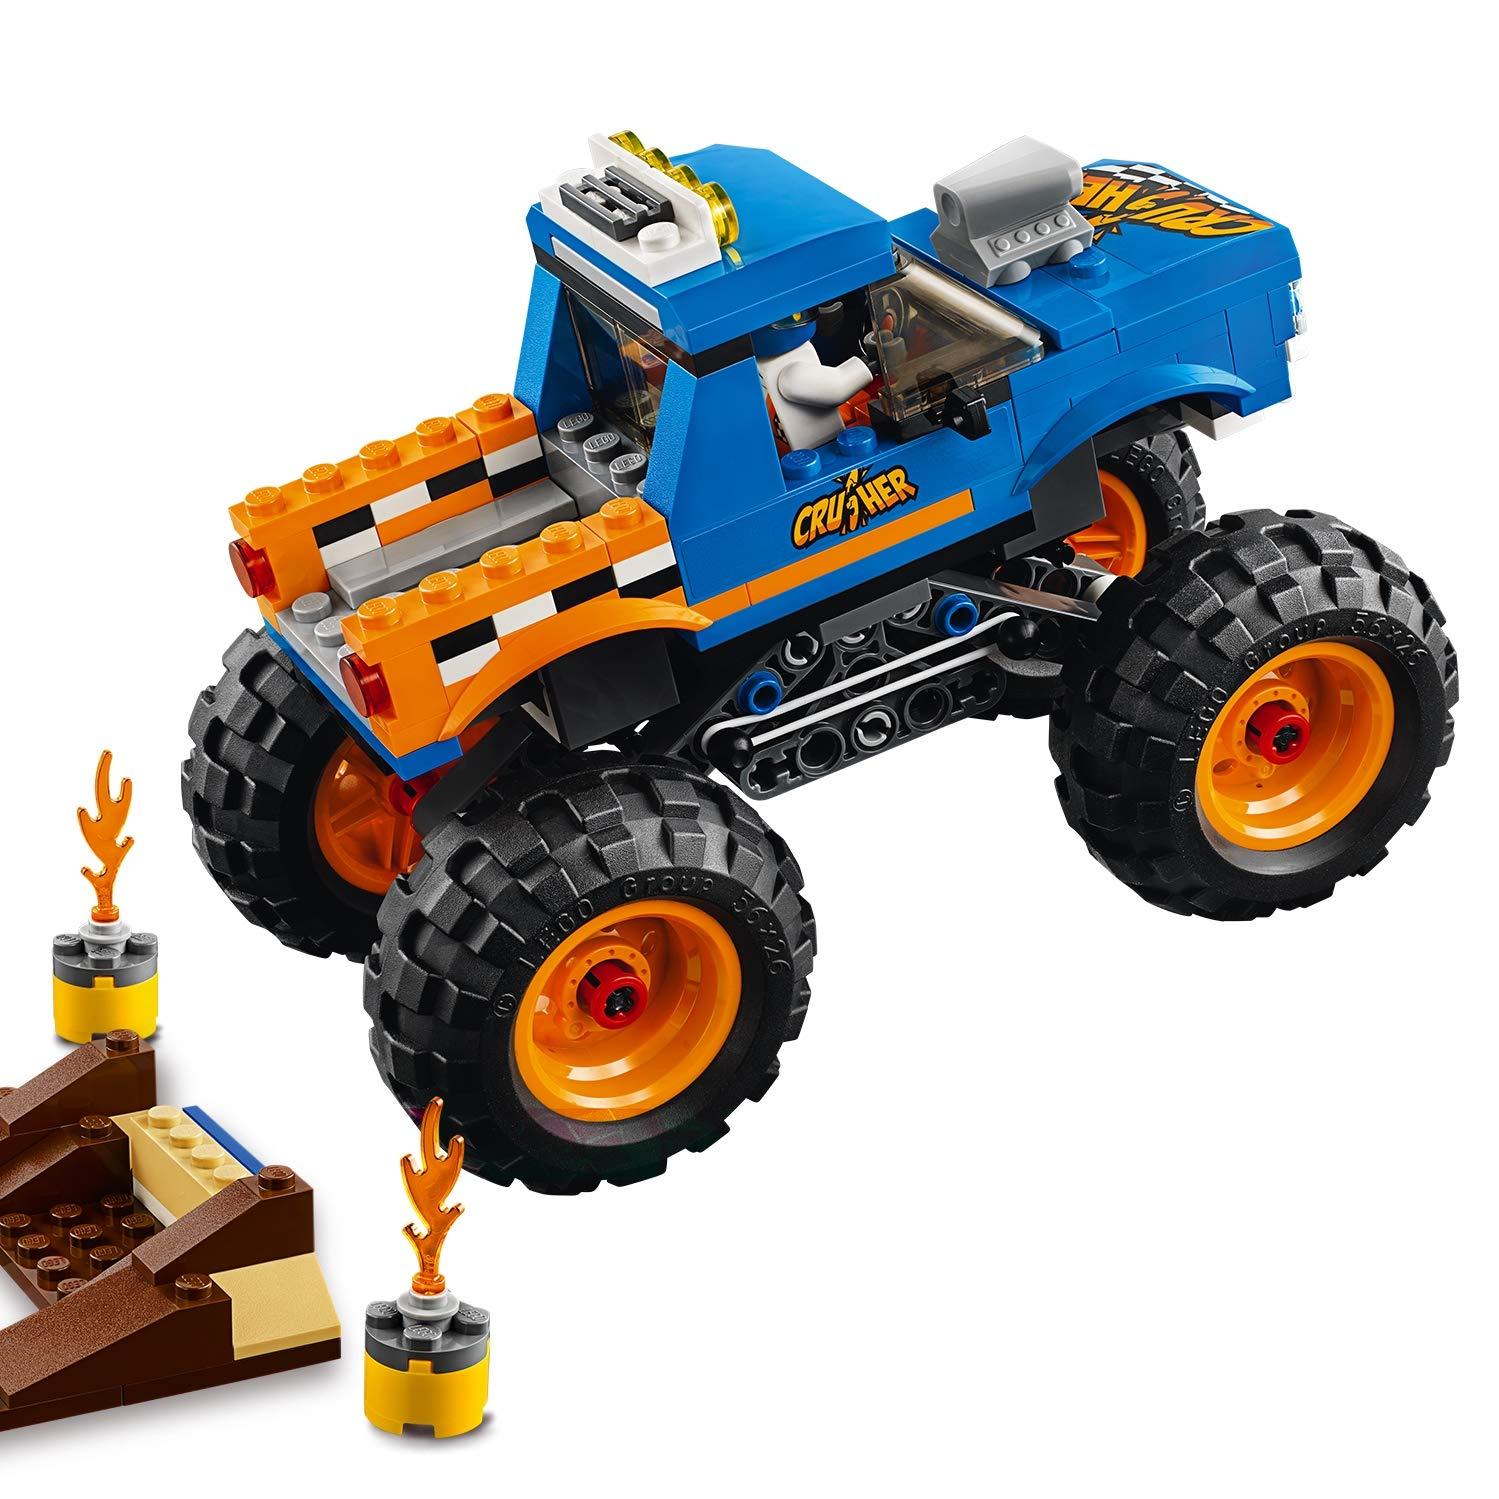 De City 60180 Lego Truck Construction Monster Jeu Le 3q54ARjL